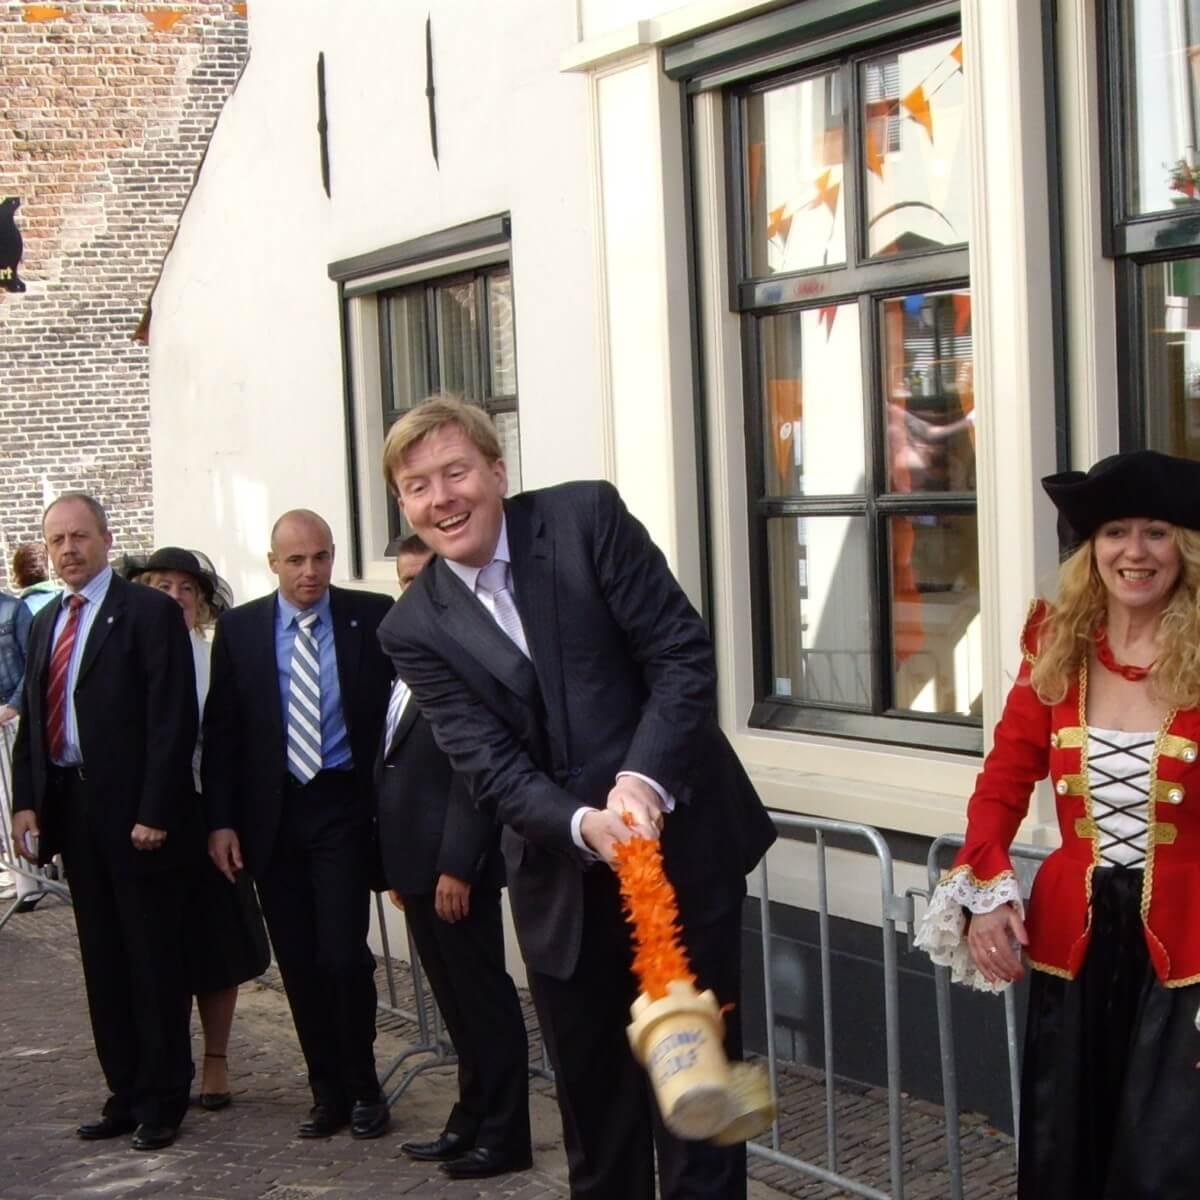 Vestinggolf in het mooie Zutphen.